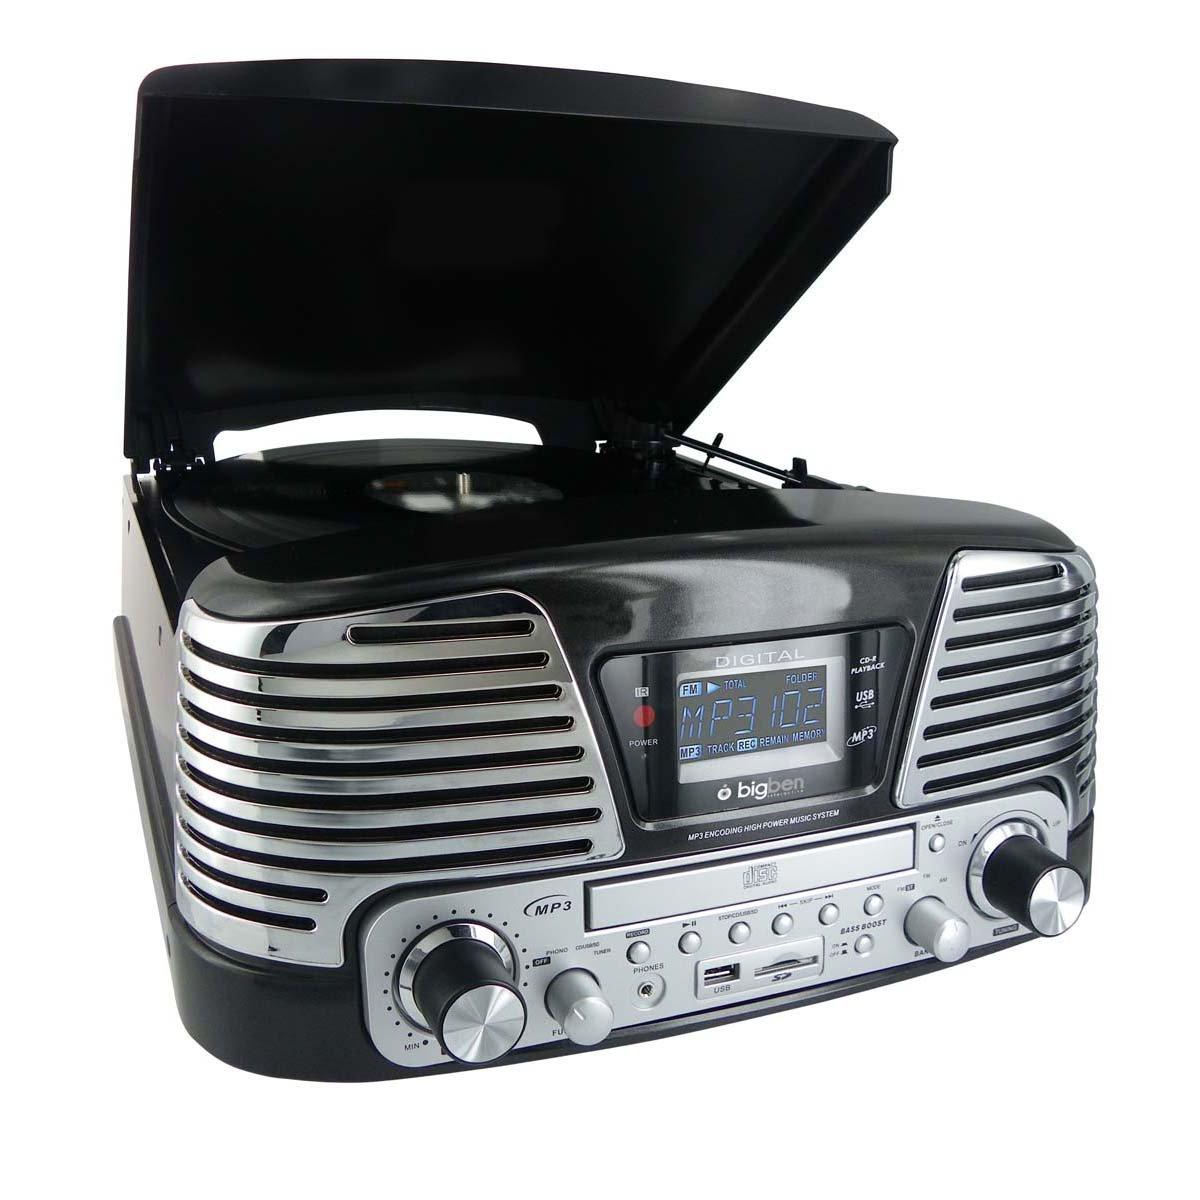 7 giradischi tecnologici per ascoltare la musica in vinile 71jfUiTe97L